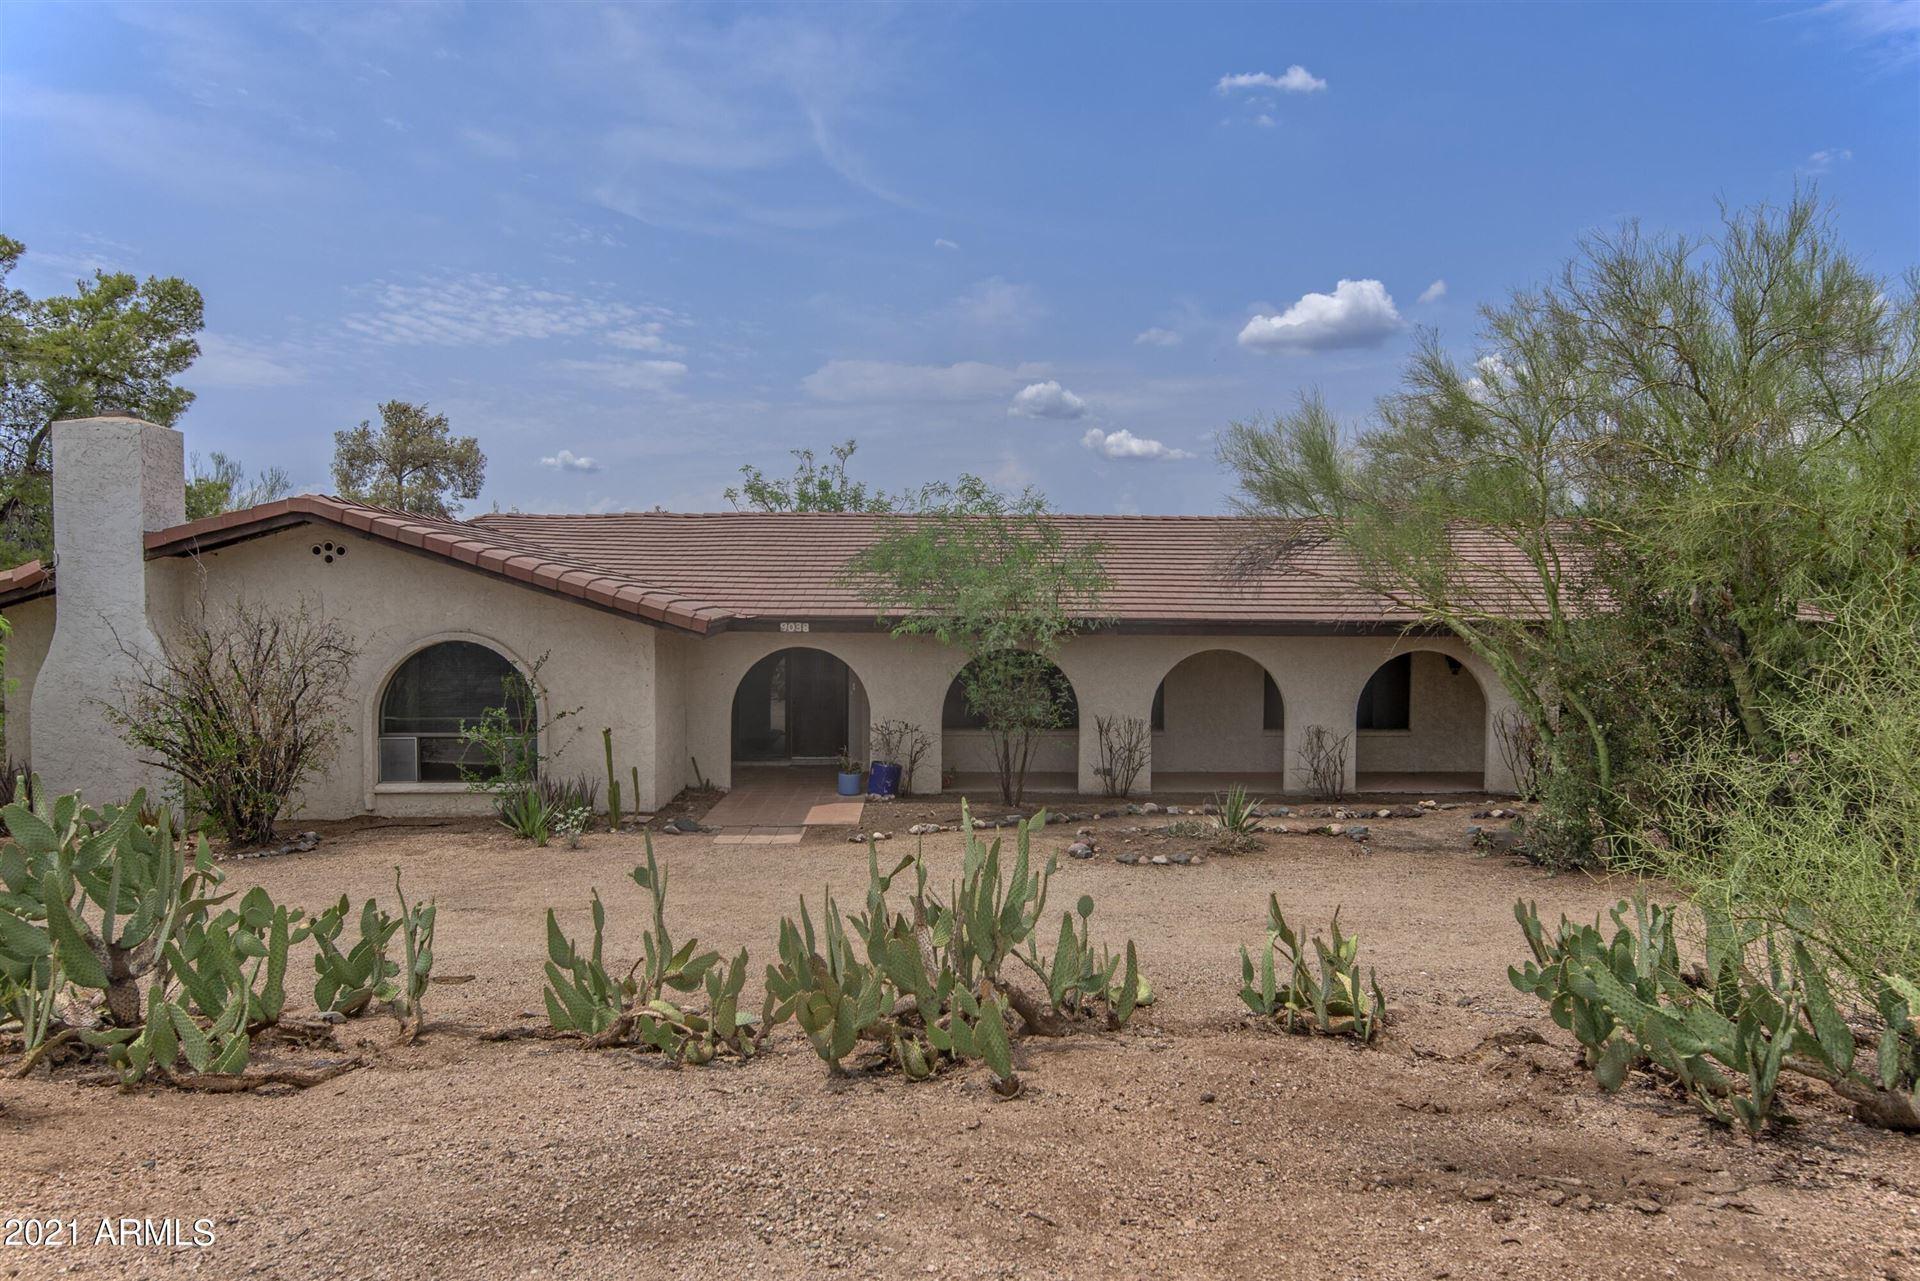 Photo of 9038 E LAZYWOOD Place, Carefree, AZ 85377 (MLS # 6262020)